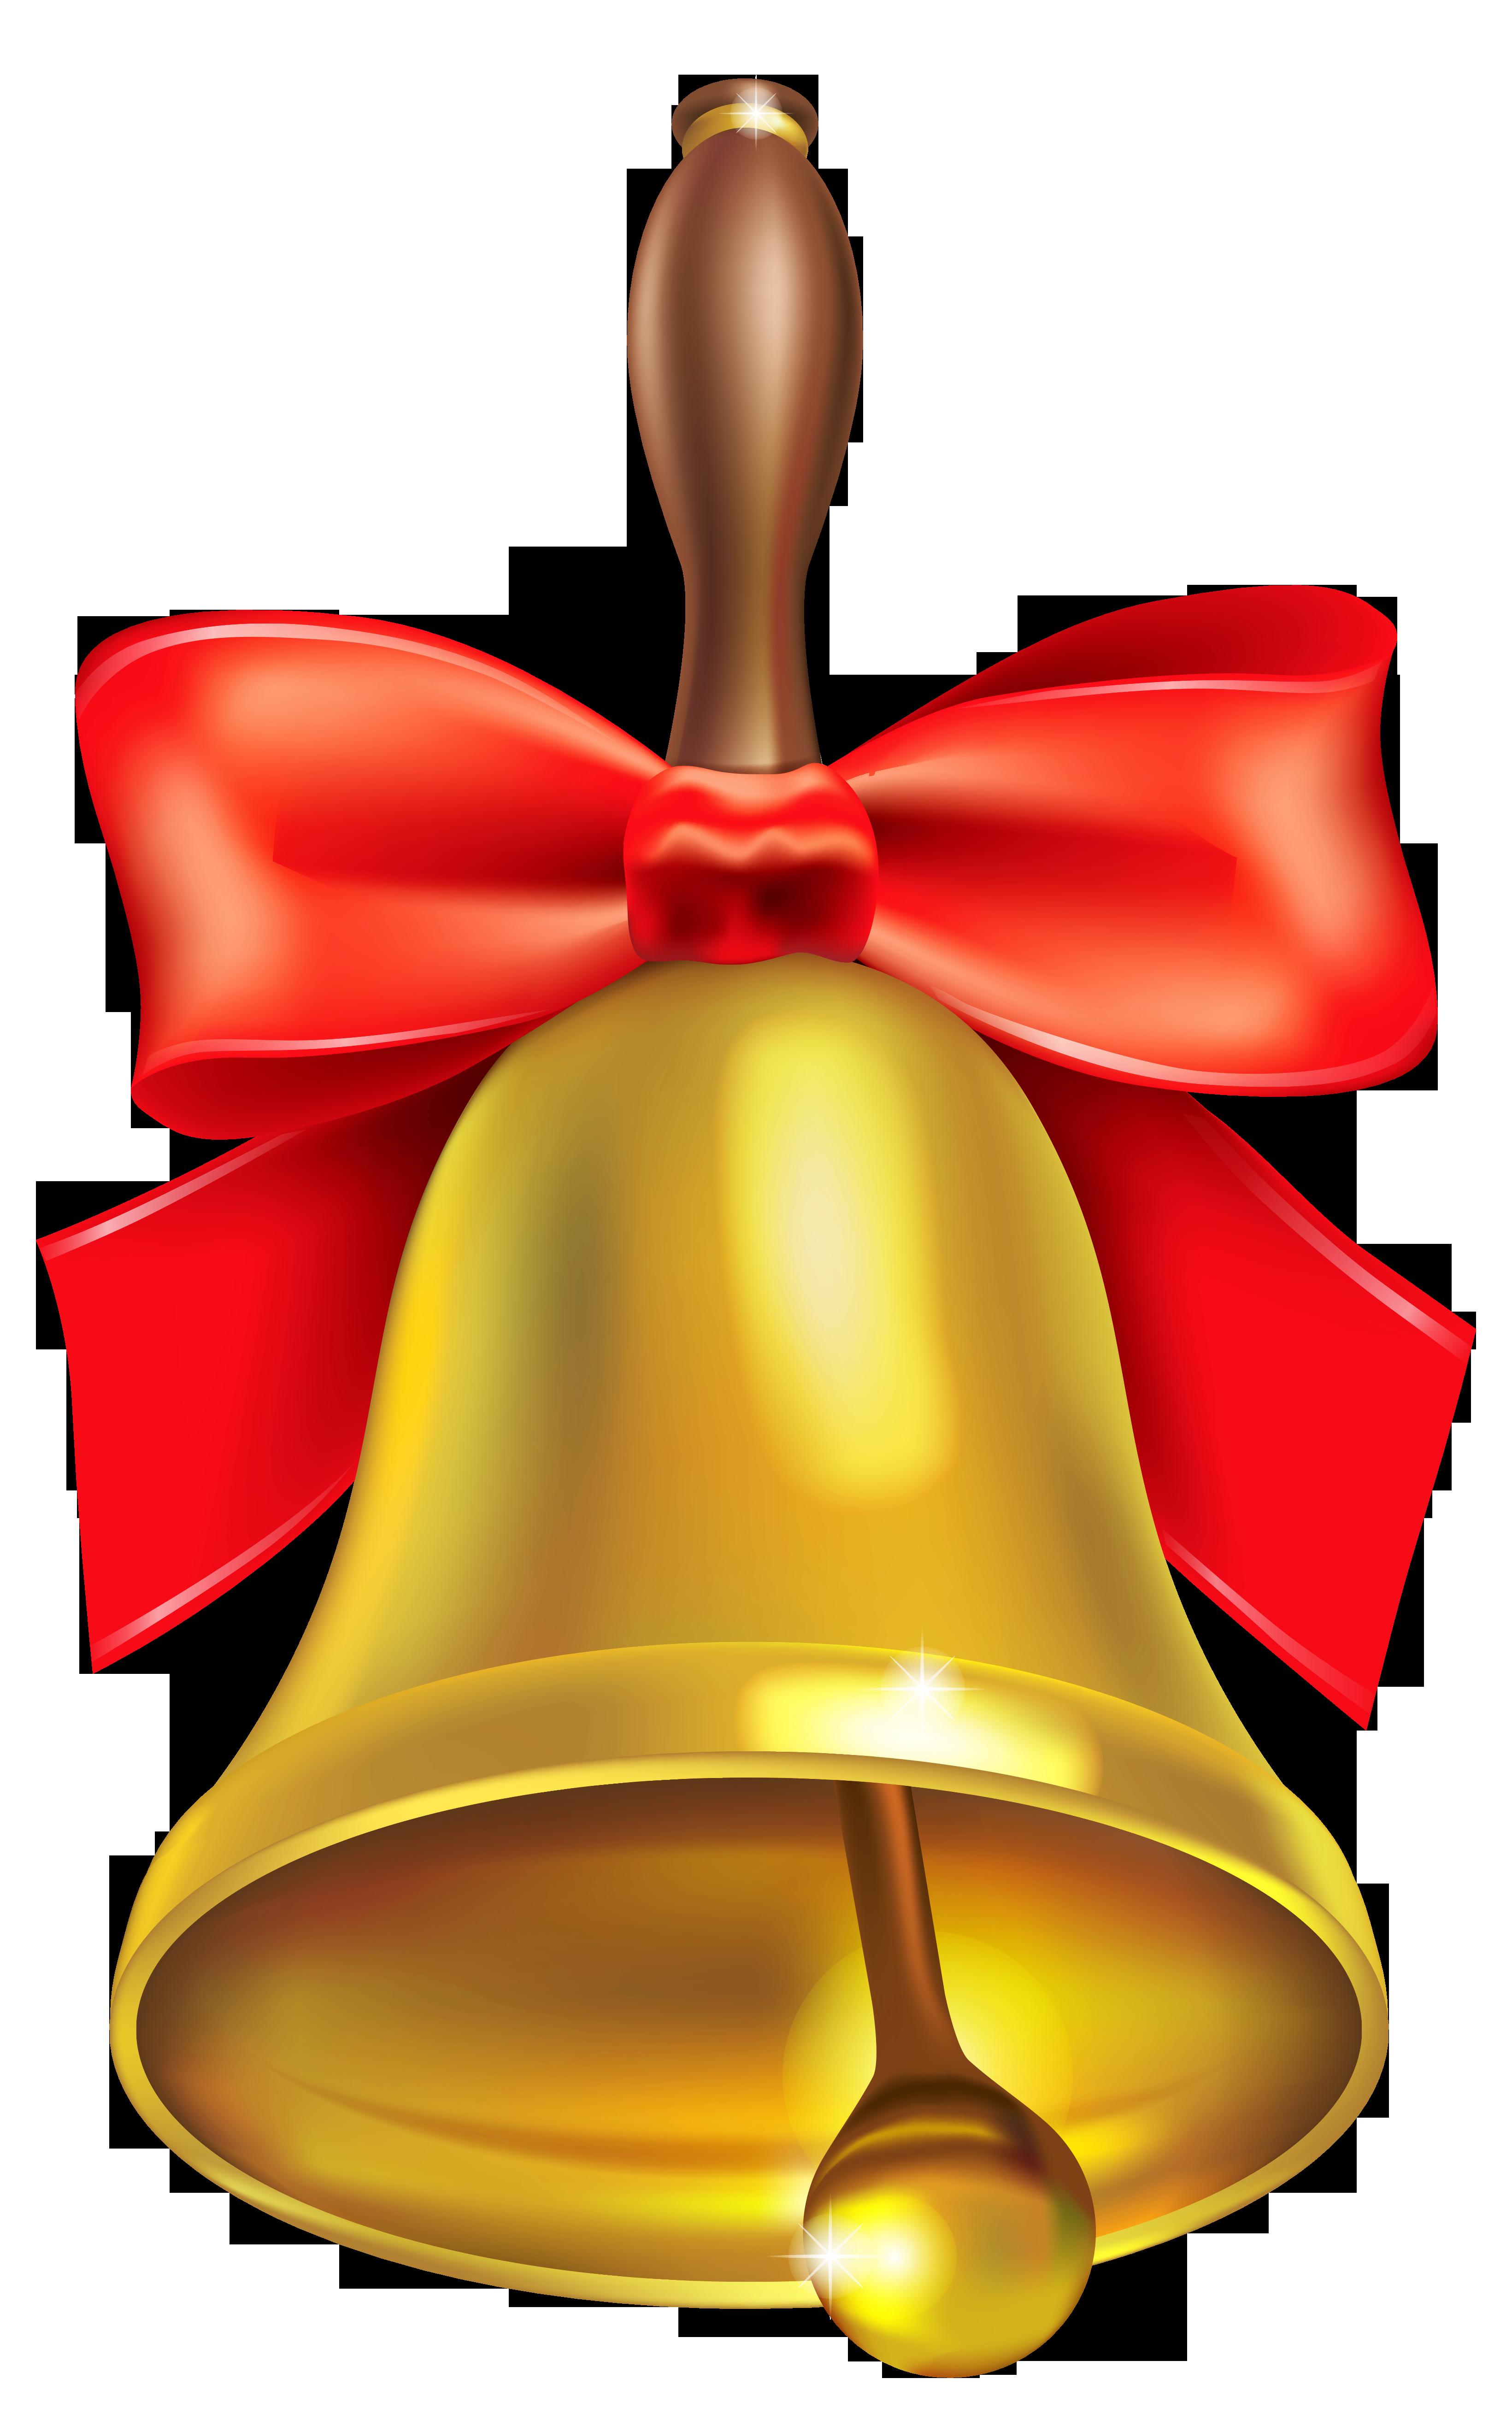 Golden bells clipart - Clipground